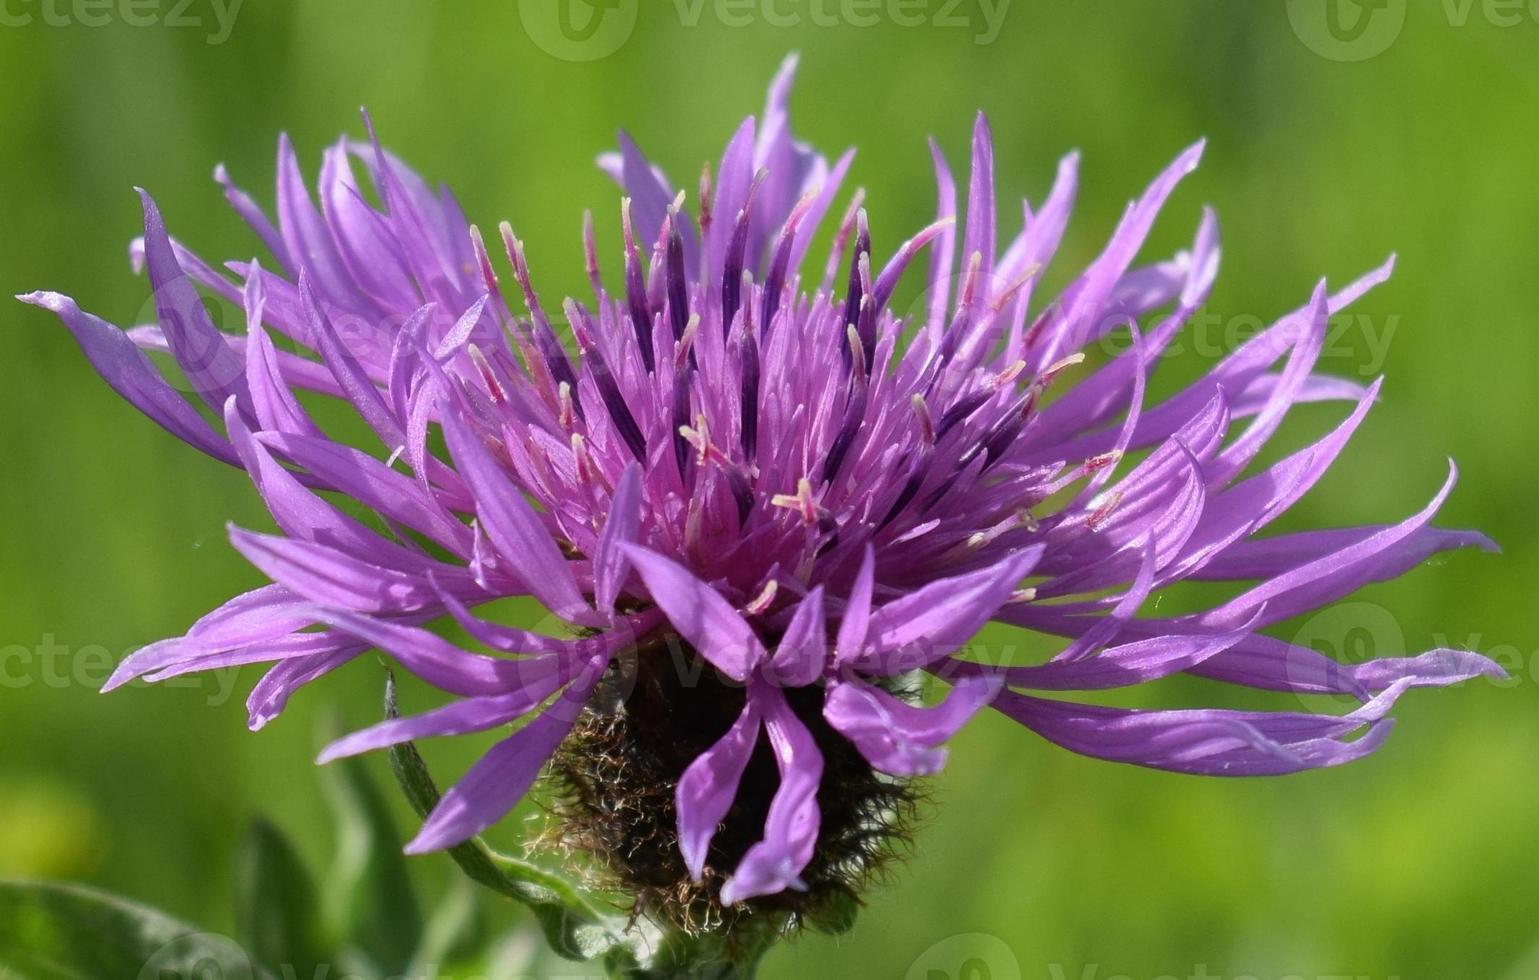 Knapweed close-up photo